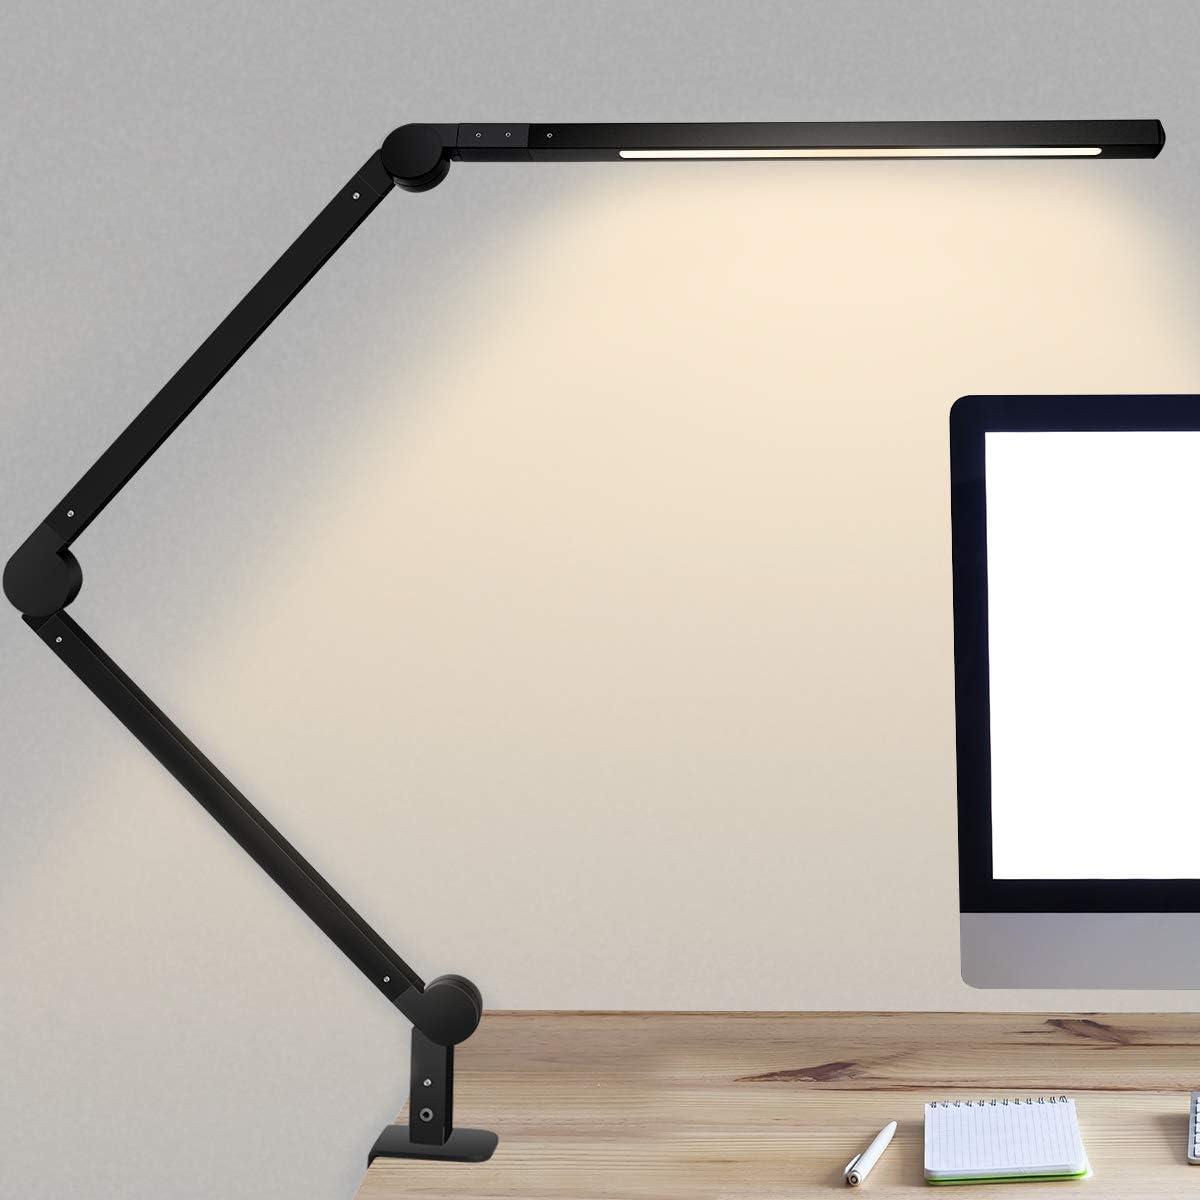 Lámpara Escritorio LED, 9W Lámpara de Mesa de Cuidado Ocular Brazo Oscilante Abrazadera Luz Regulable con 6 Modos de Color + Temporizador + Memoria para Lectura Trabajo Oficina